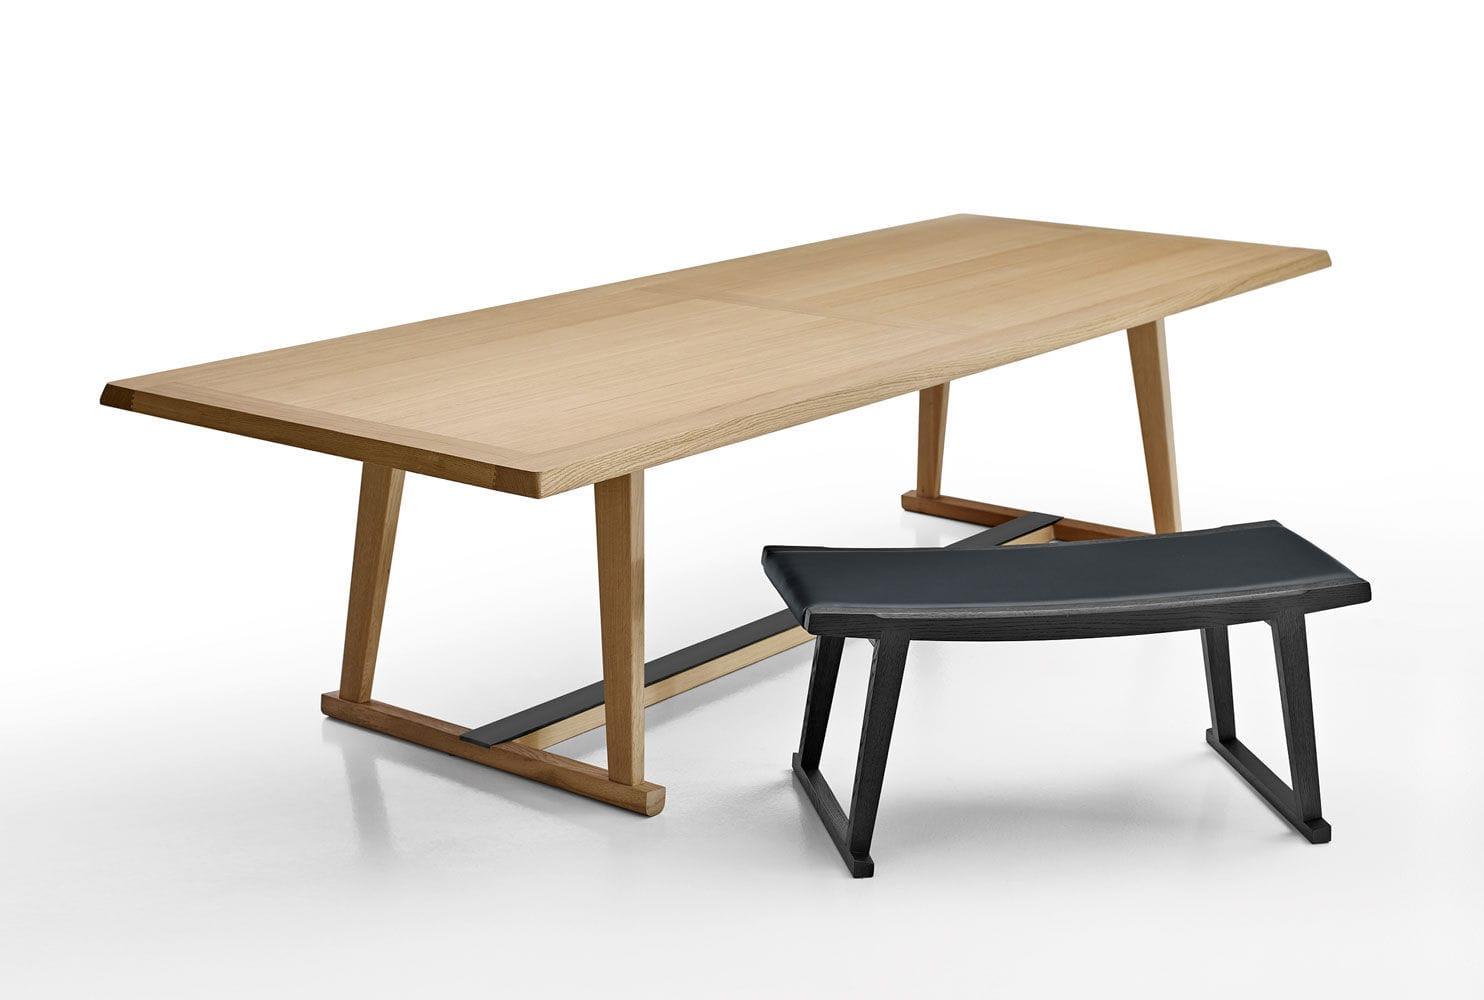 Dining table / contemporary / oak / rectangular - RECIPIO '14 ...